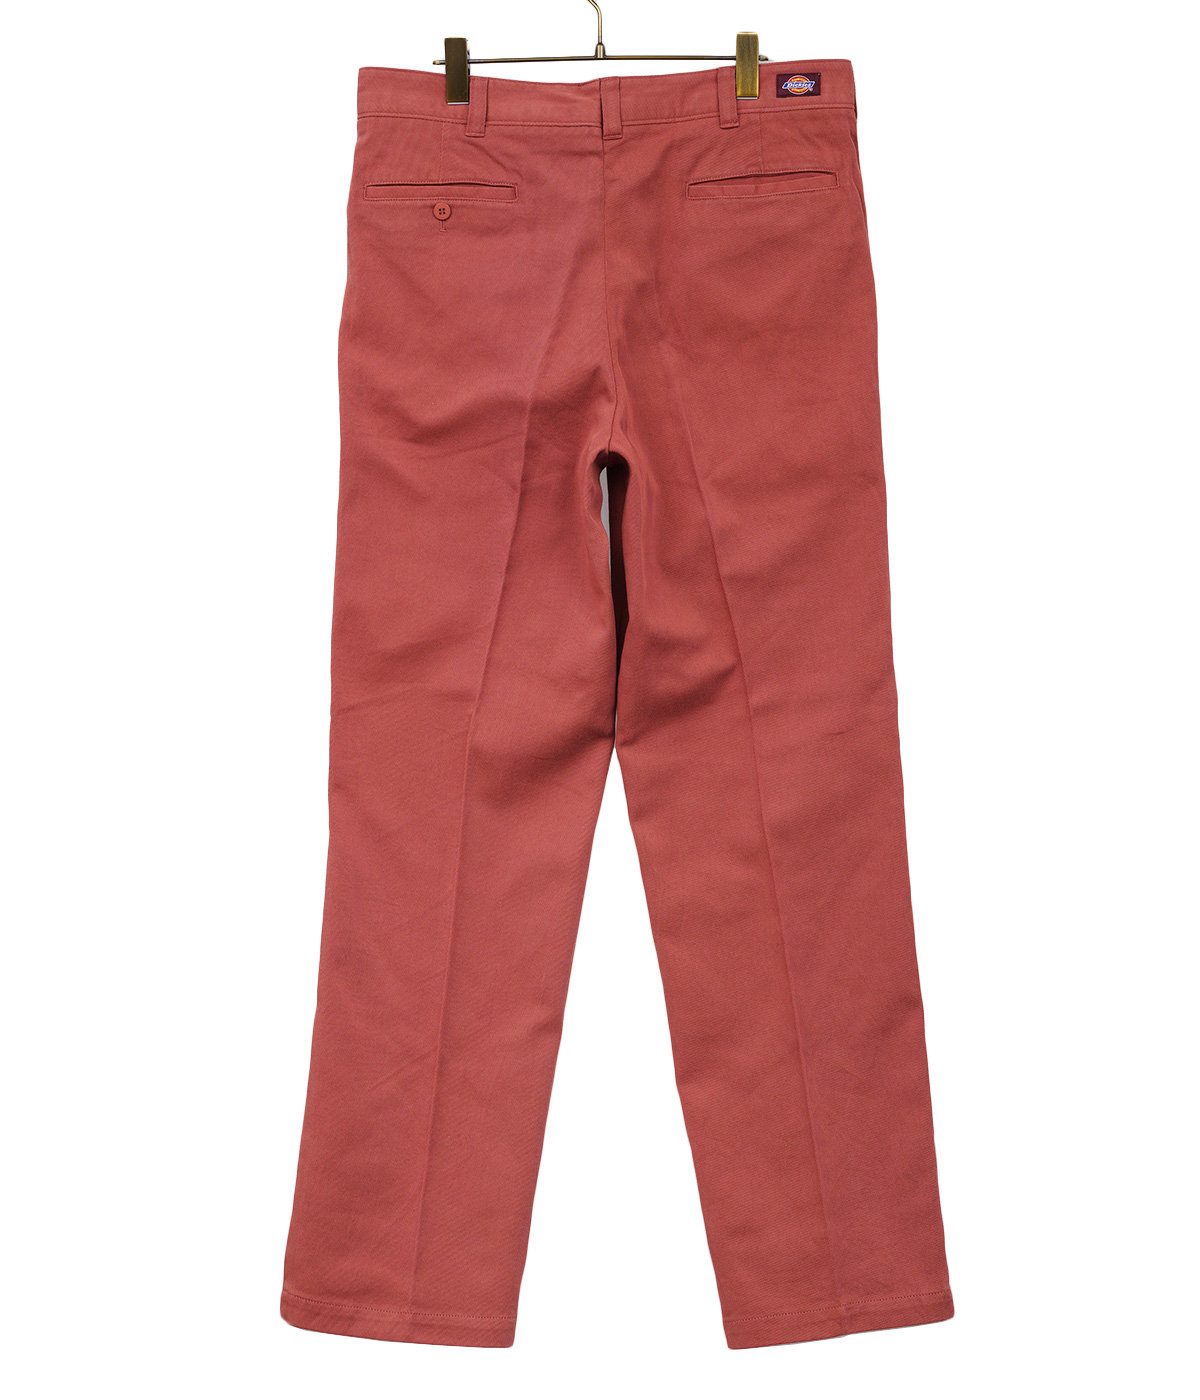 ×Dickies Trousers